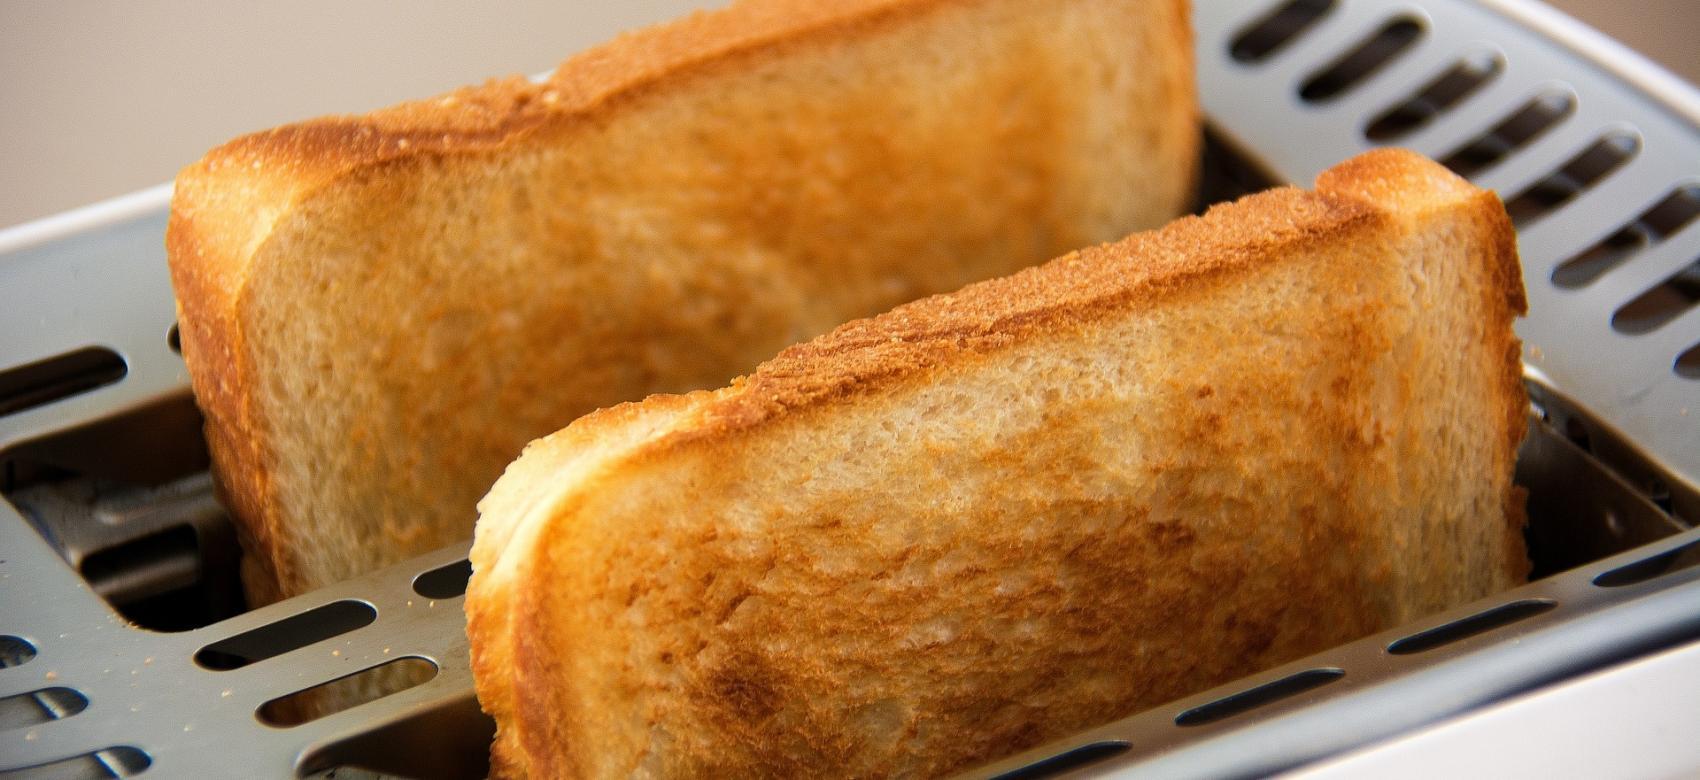 Tostador con 2 rebanadas de pan de molde demasiado tostadas